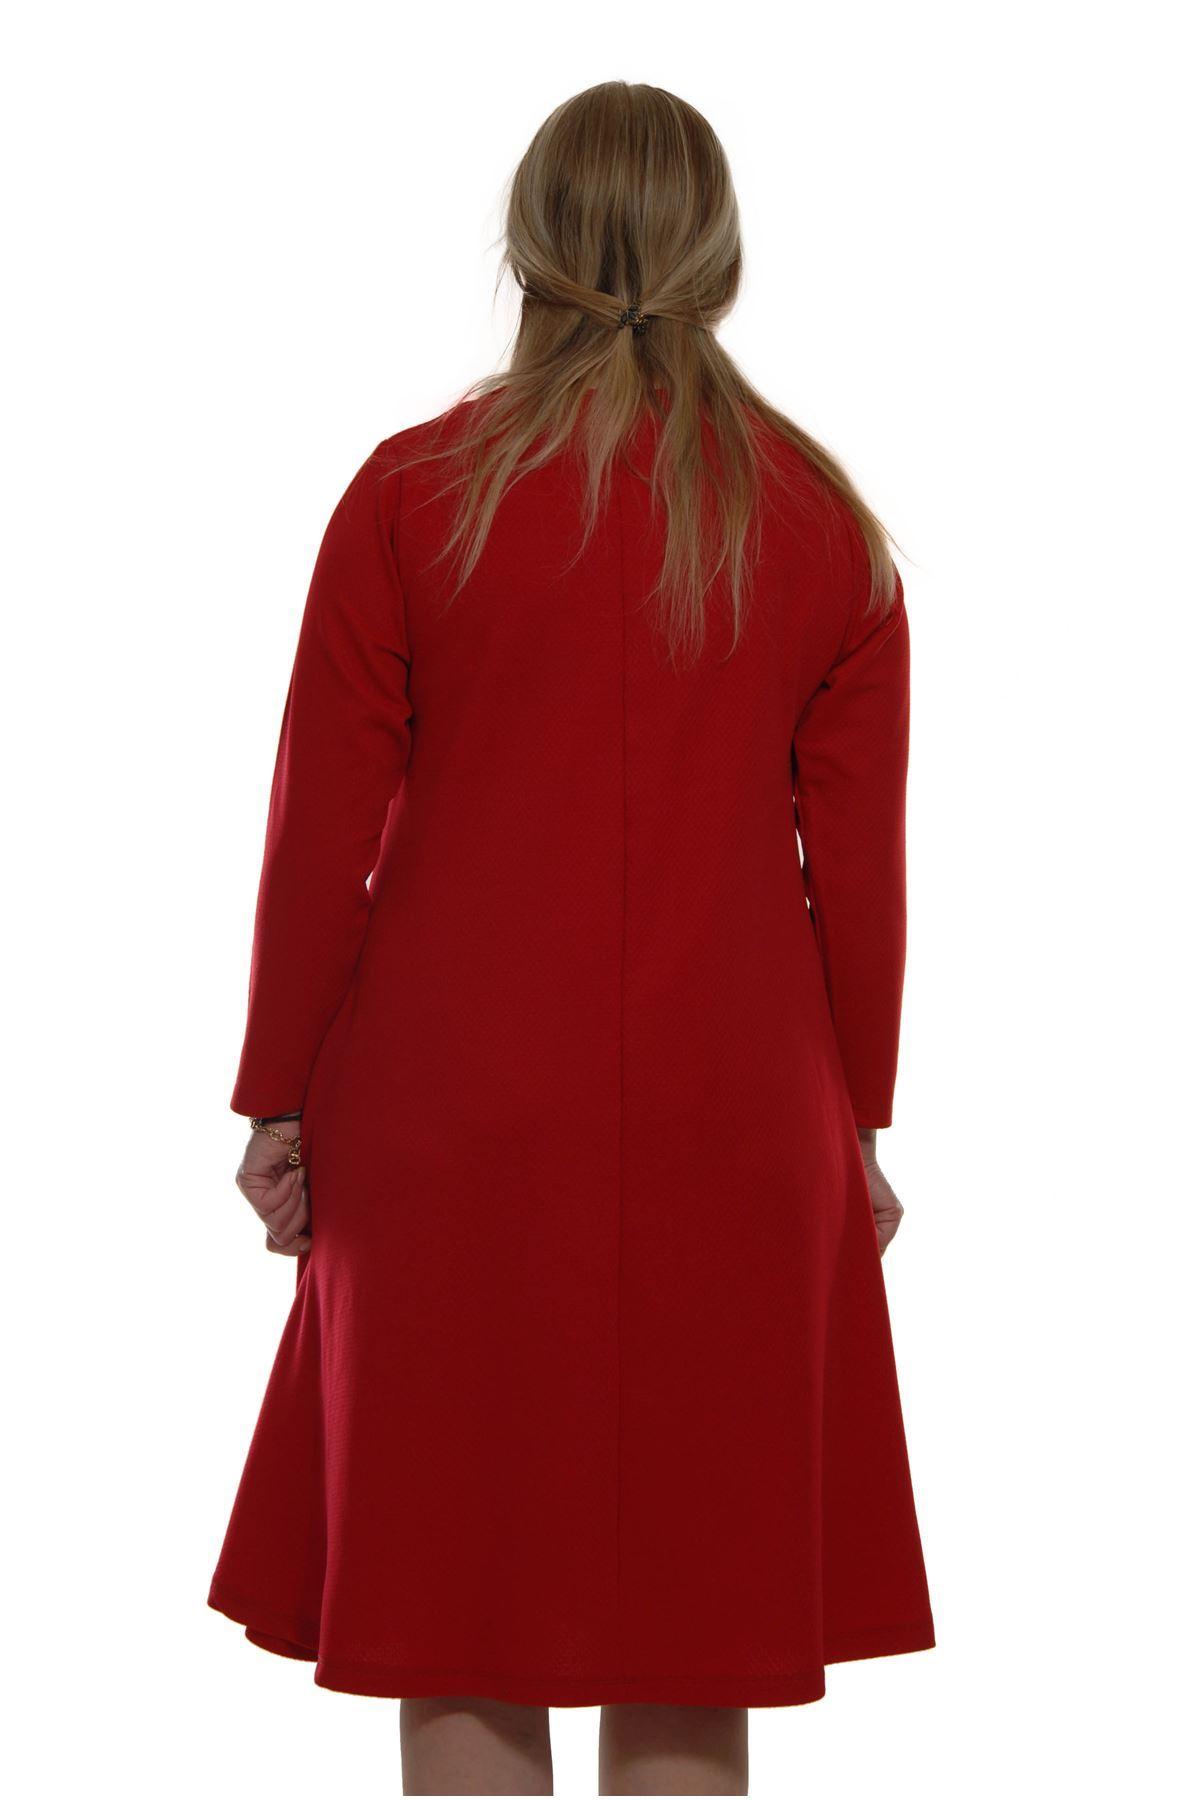 Kırmızı Kloş Elbise 21B-69021